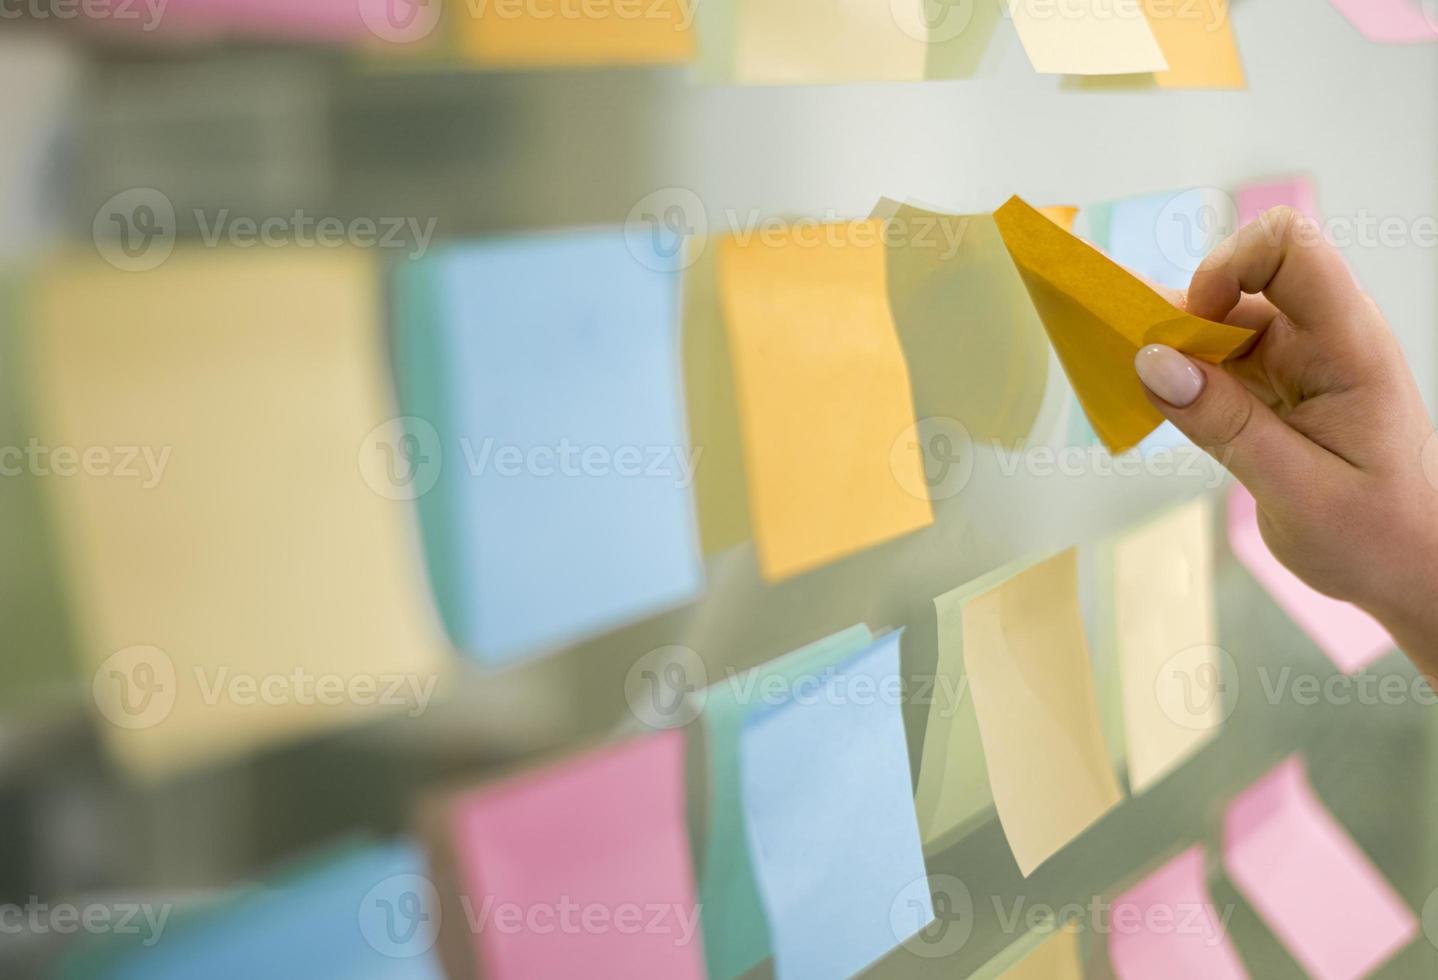 sidovy av handen att sätta klisterlappar på fönstret foto